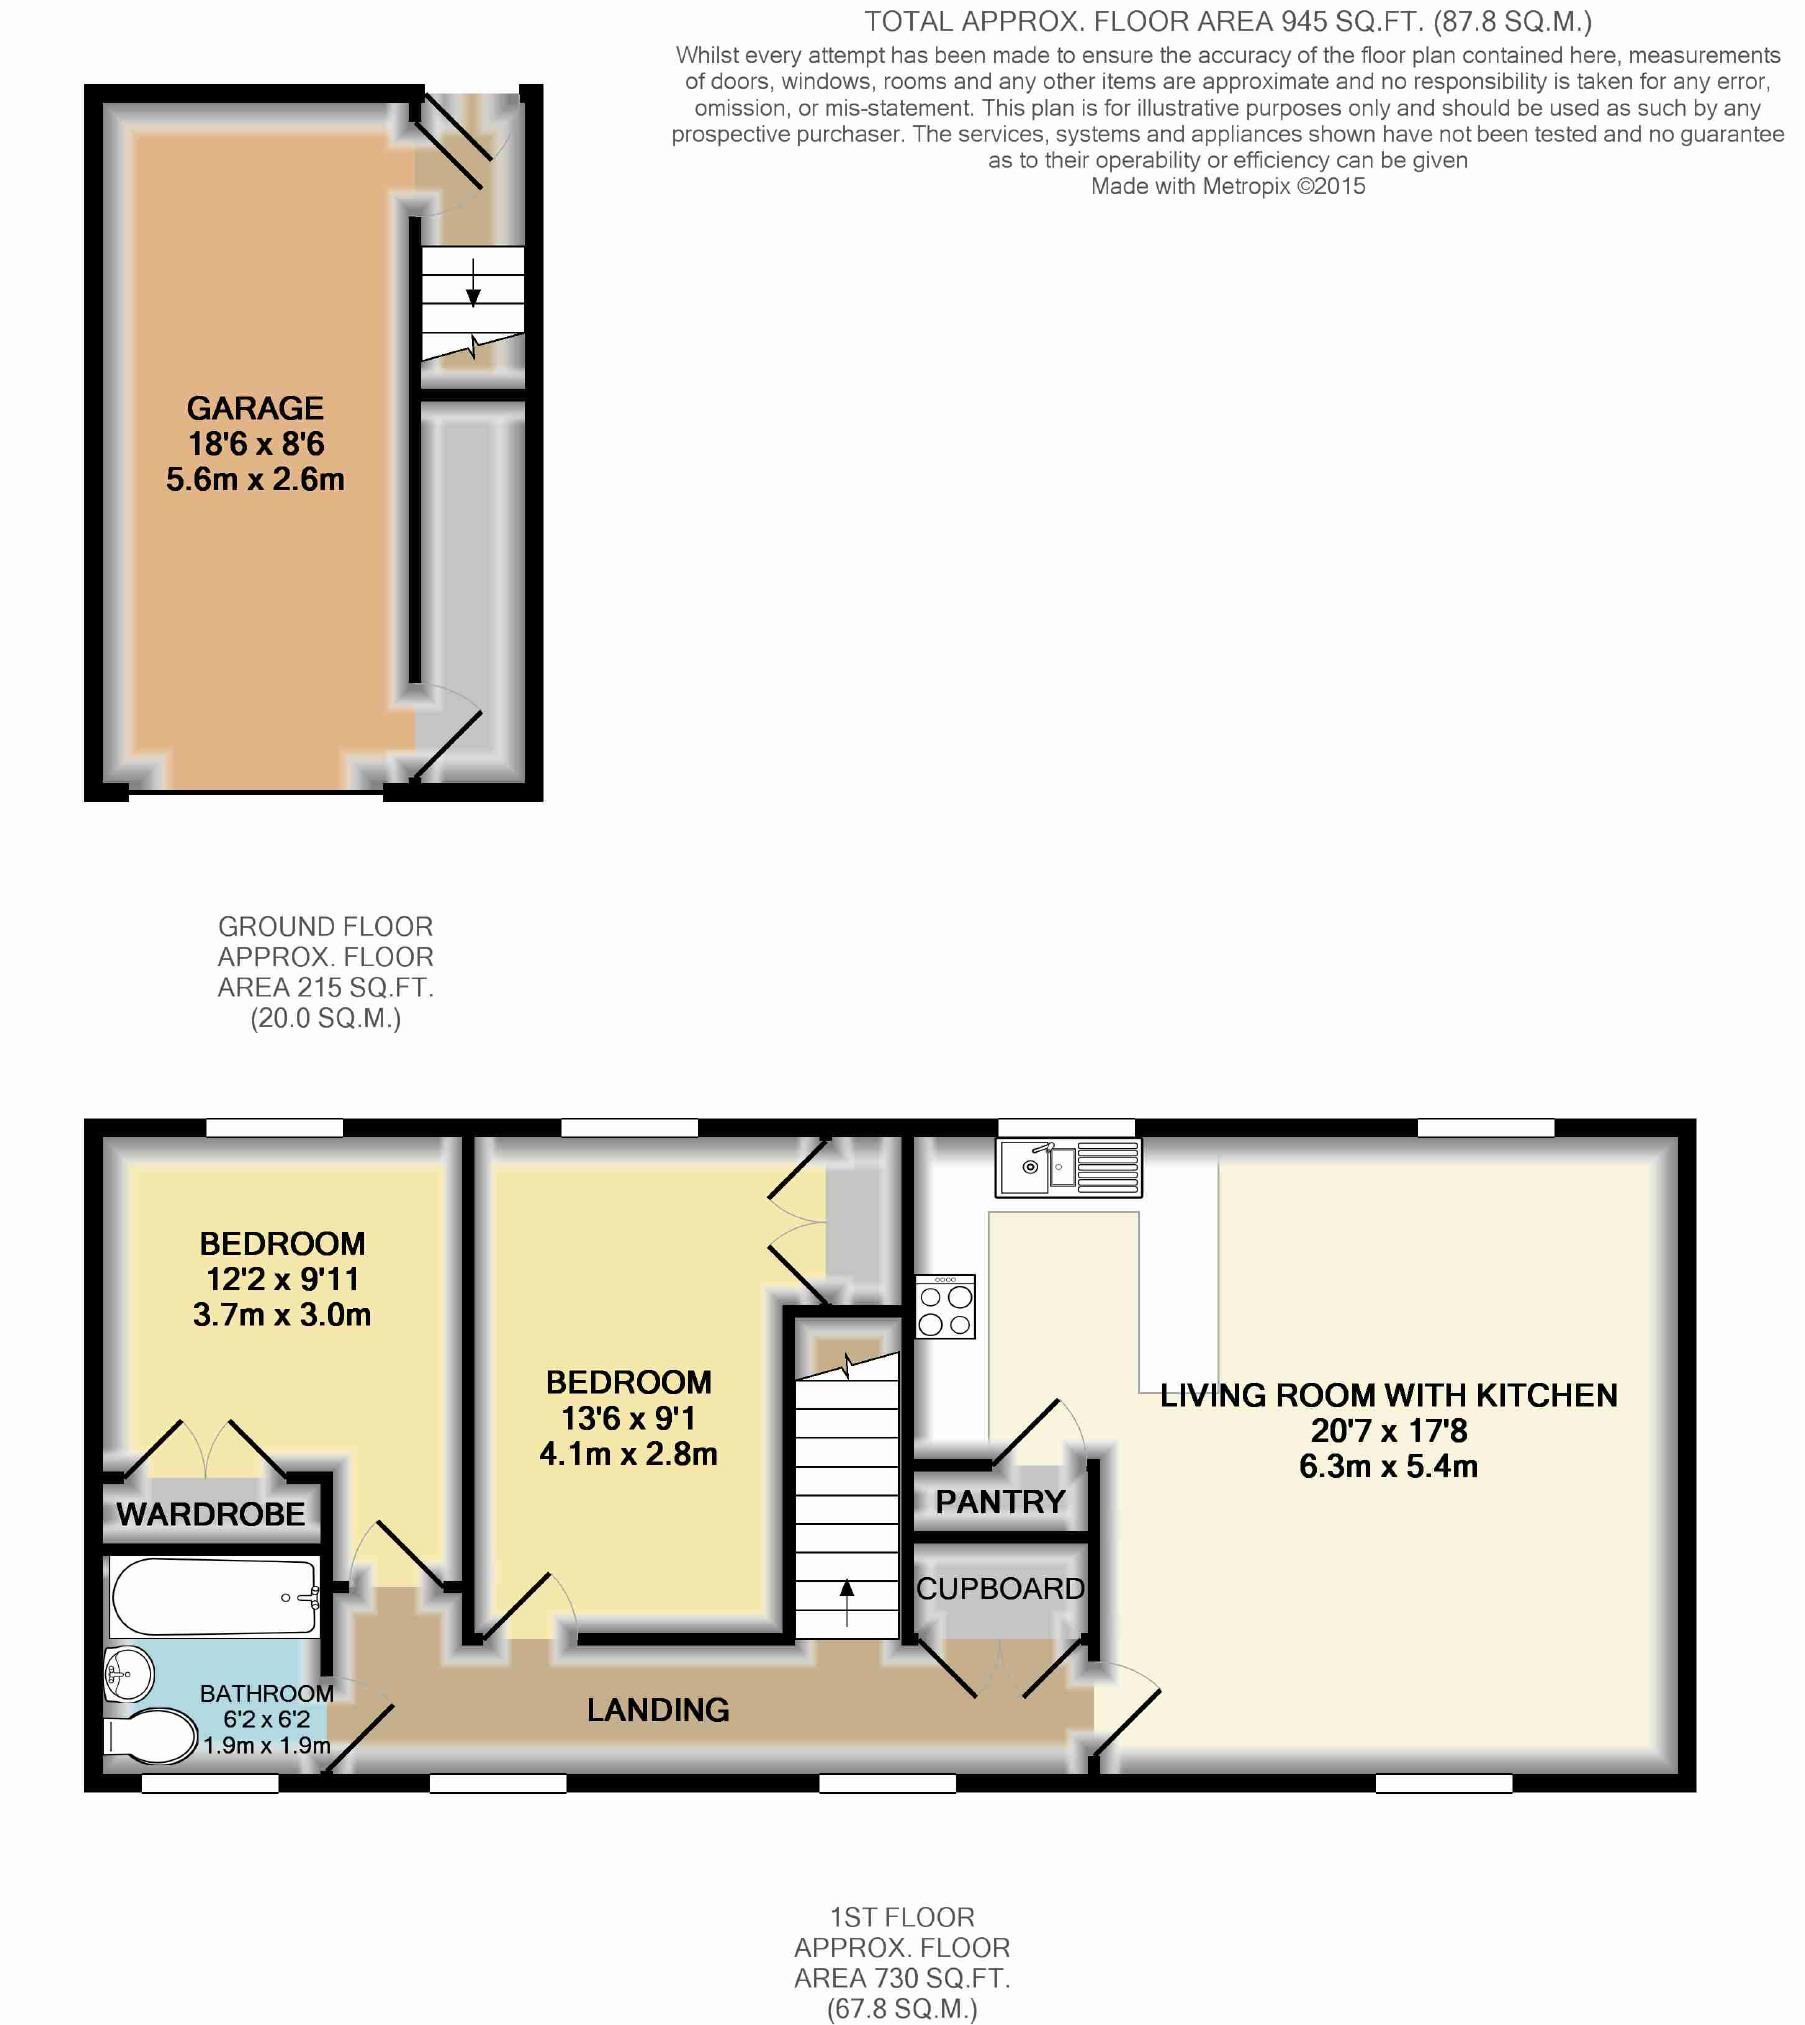 7x9 bathroom layout bathroom design ideas for 7x9 bathroom designs